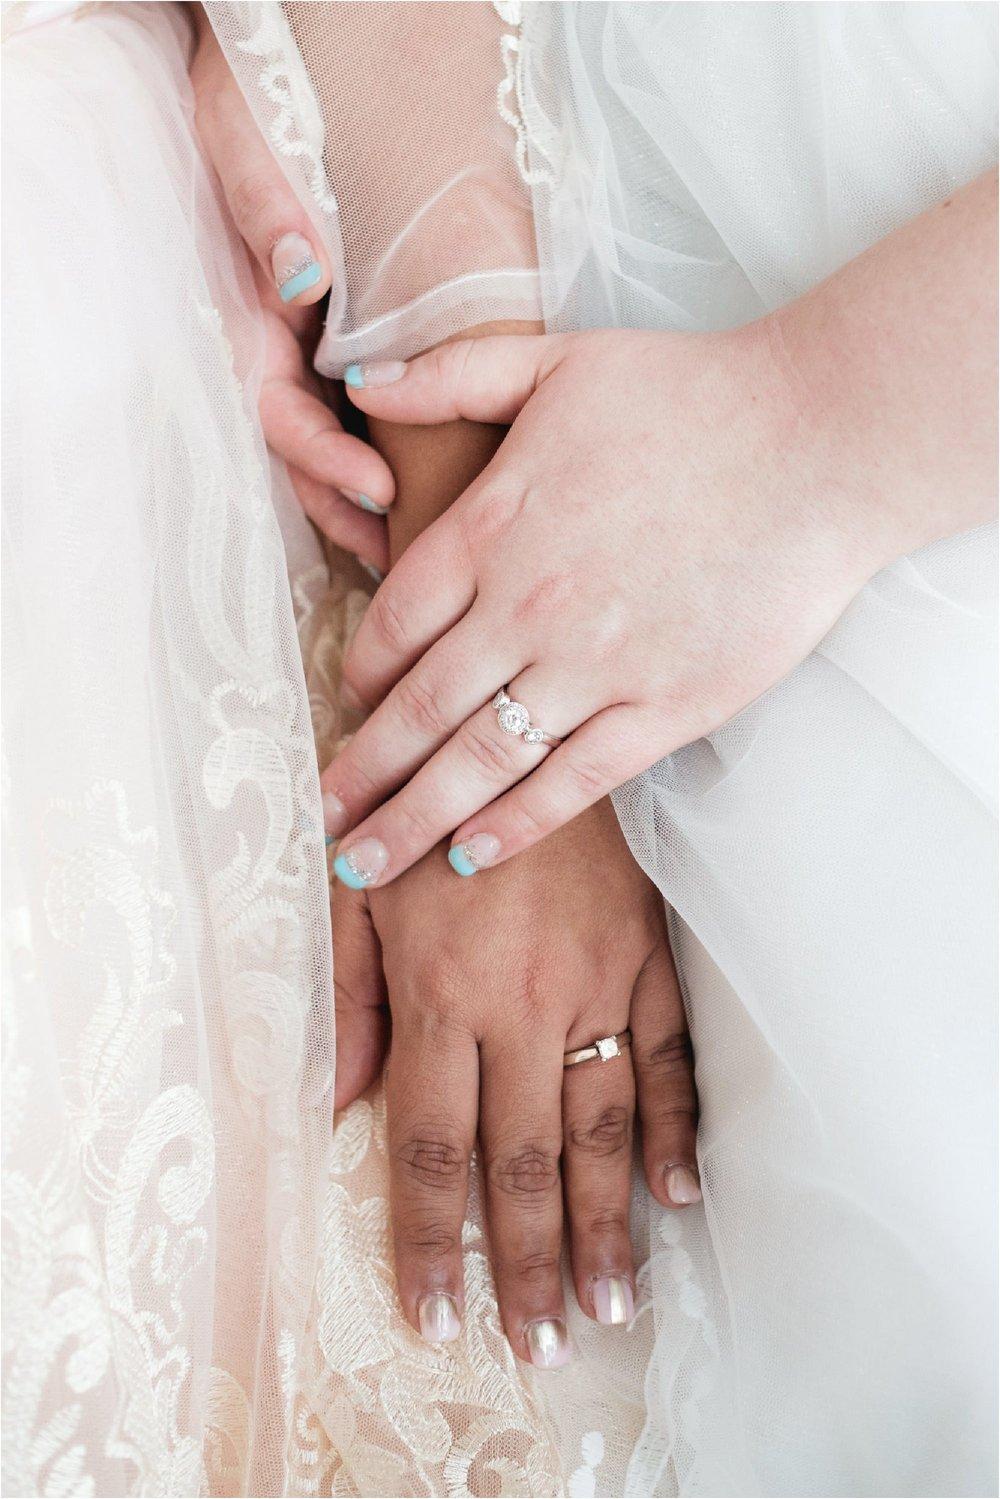 same sex wedding-key west-florida-jessenia gonzalez-miami wedding photographer_0899.jpg